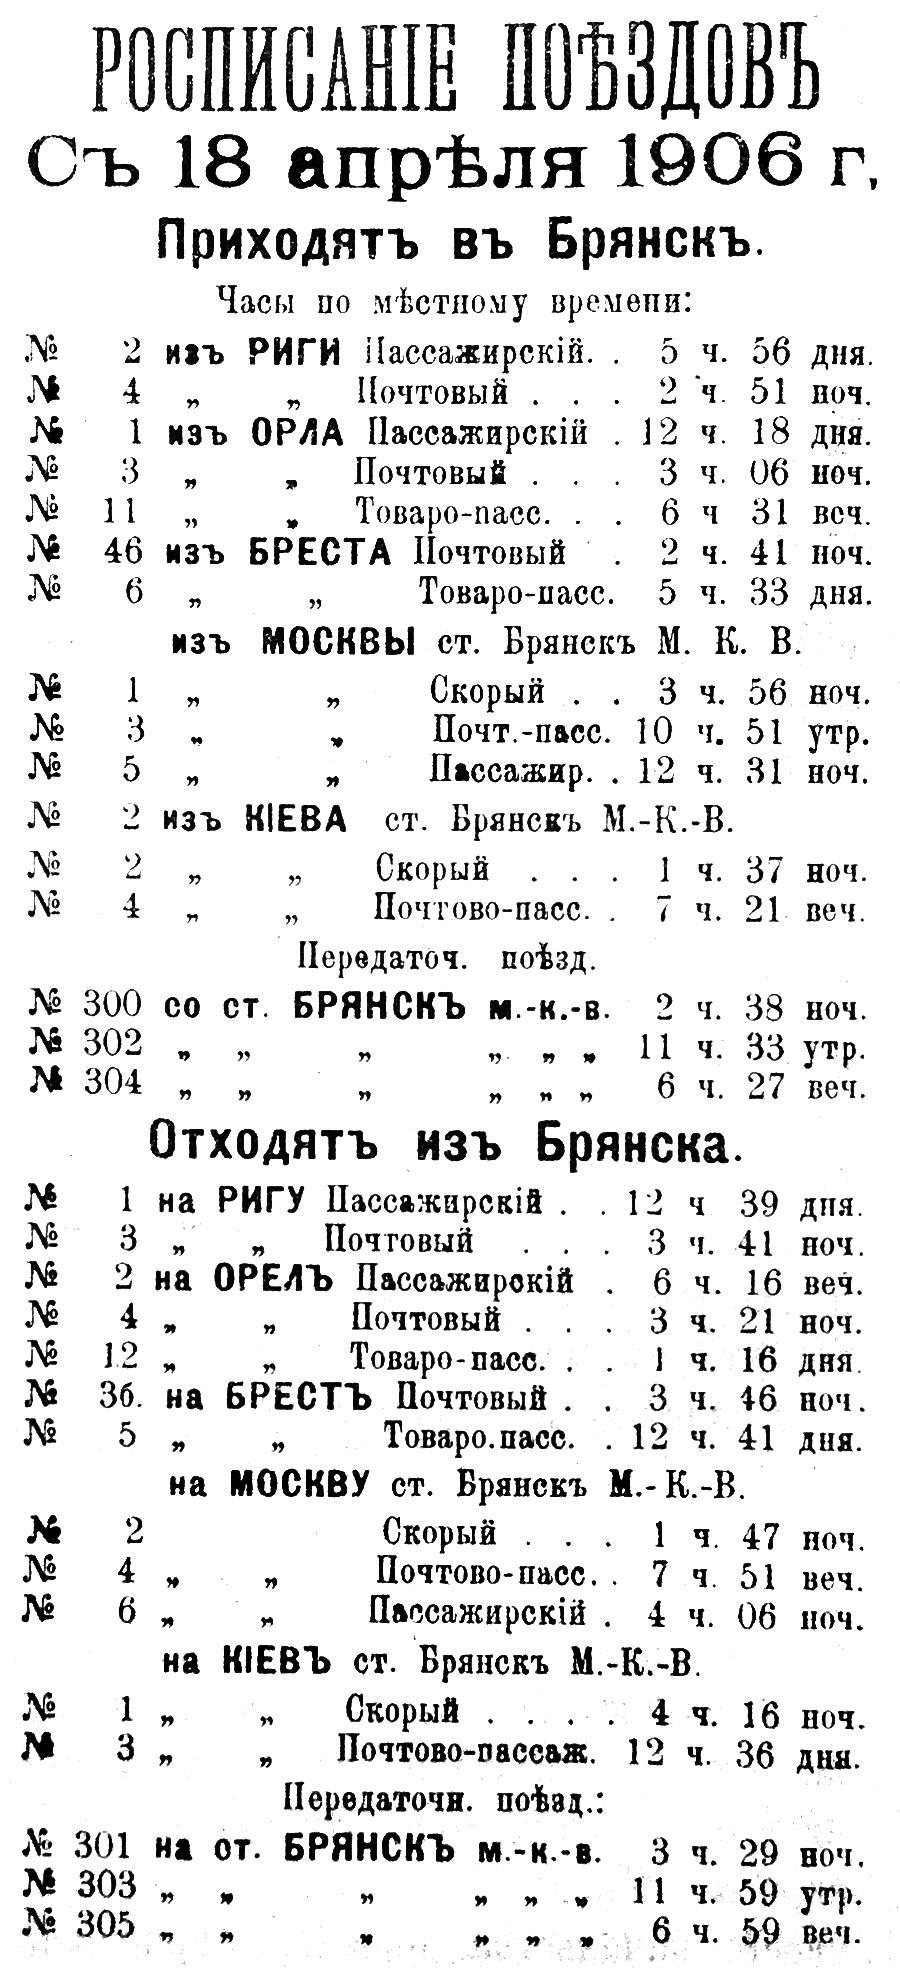 Расписание поездов с 18 апреля 1906 г. Брянск